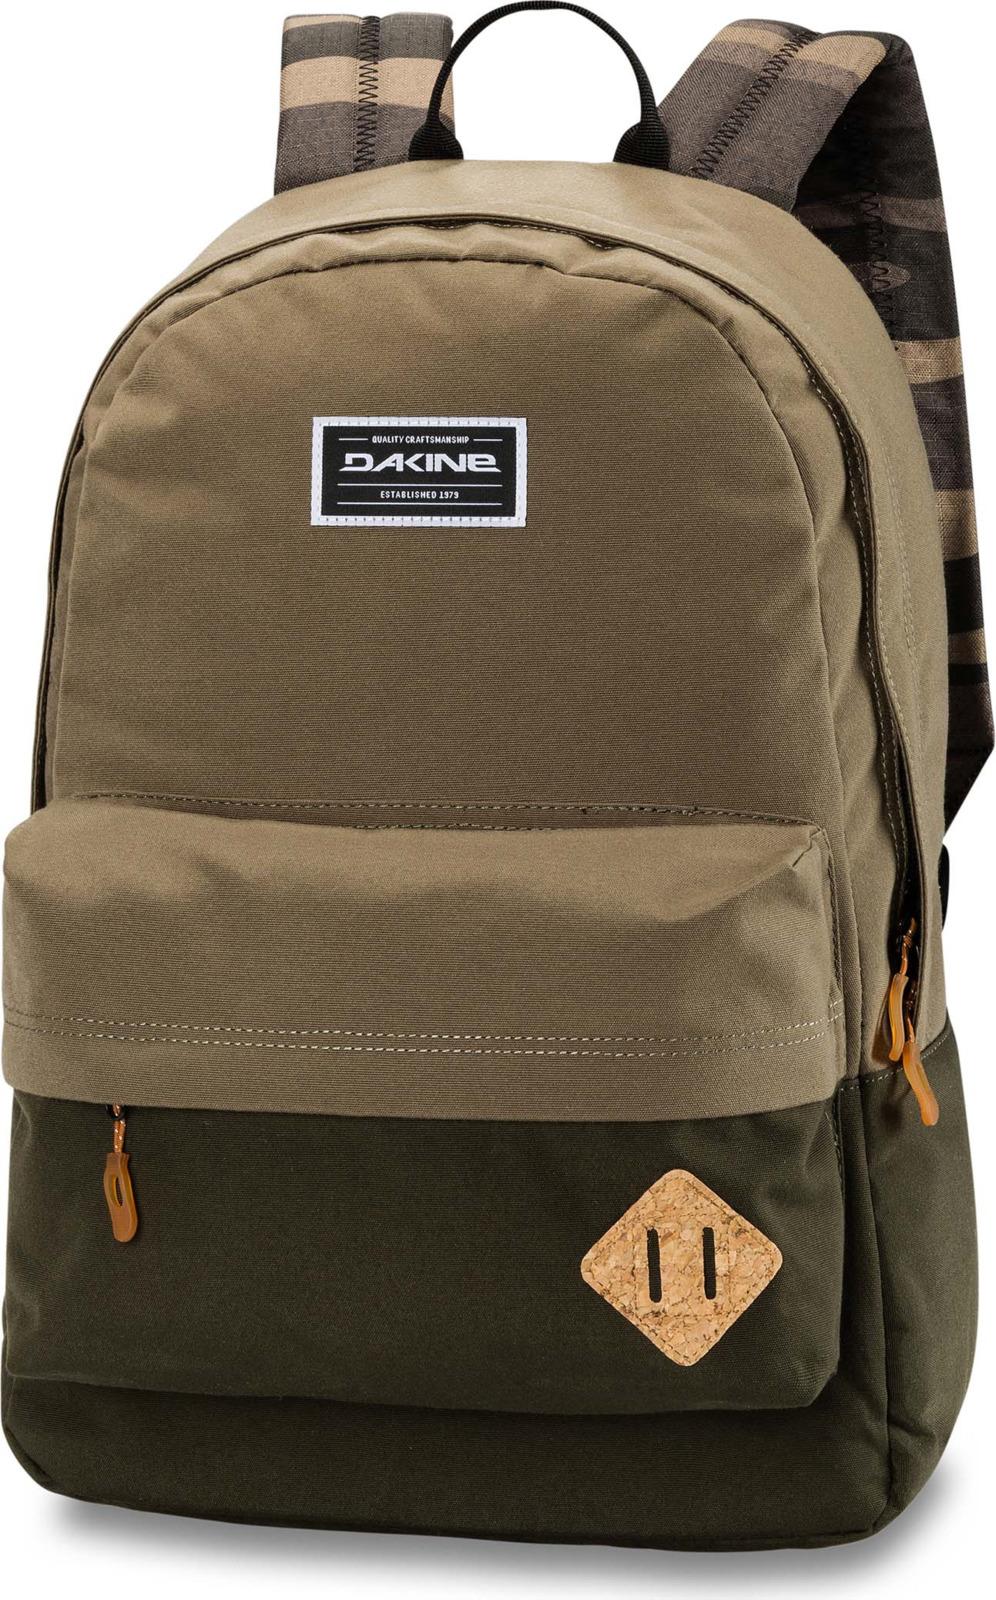 Рюкзак Dakine 365 Pack, цвет: камуфляж, 21 л dakine рюкзак dakine dk 365 dewilde 21 л